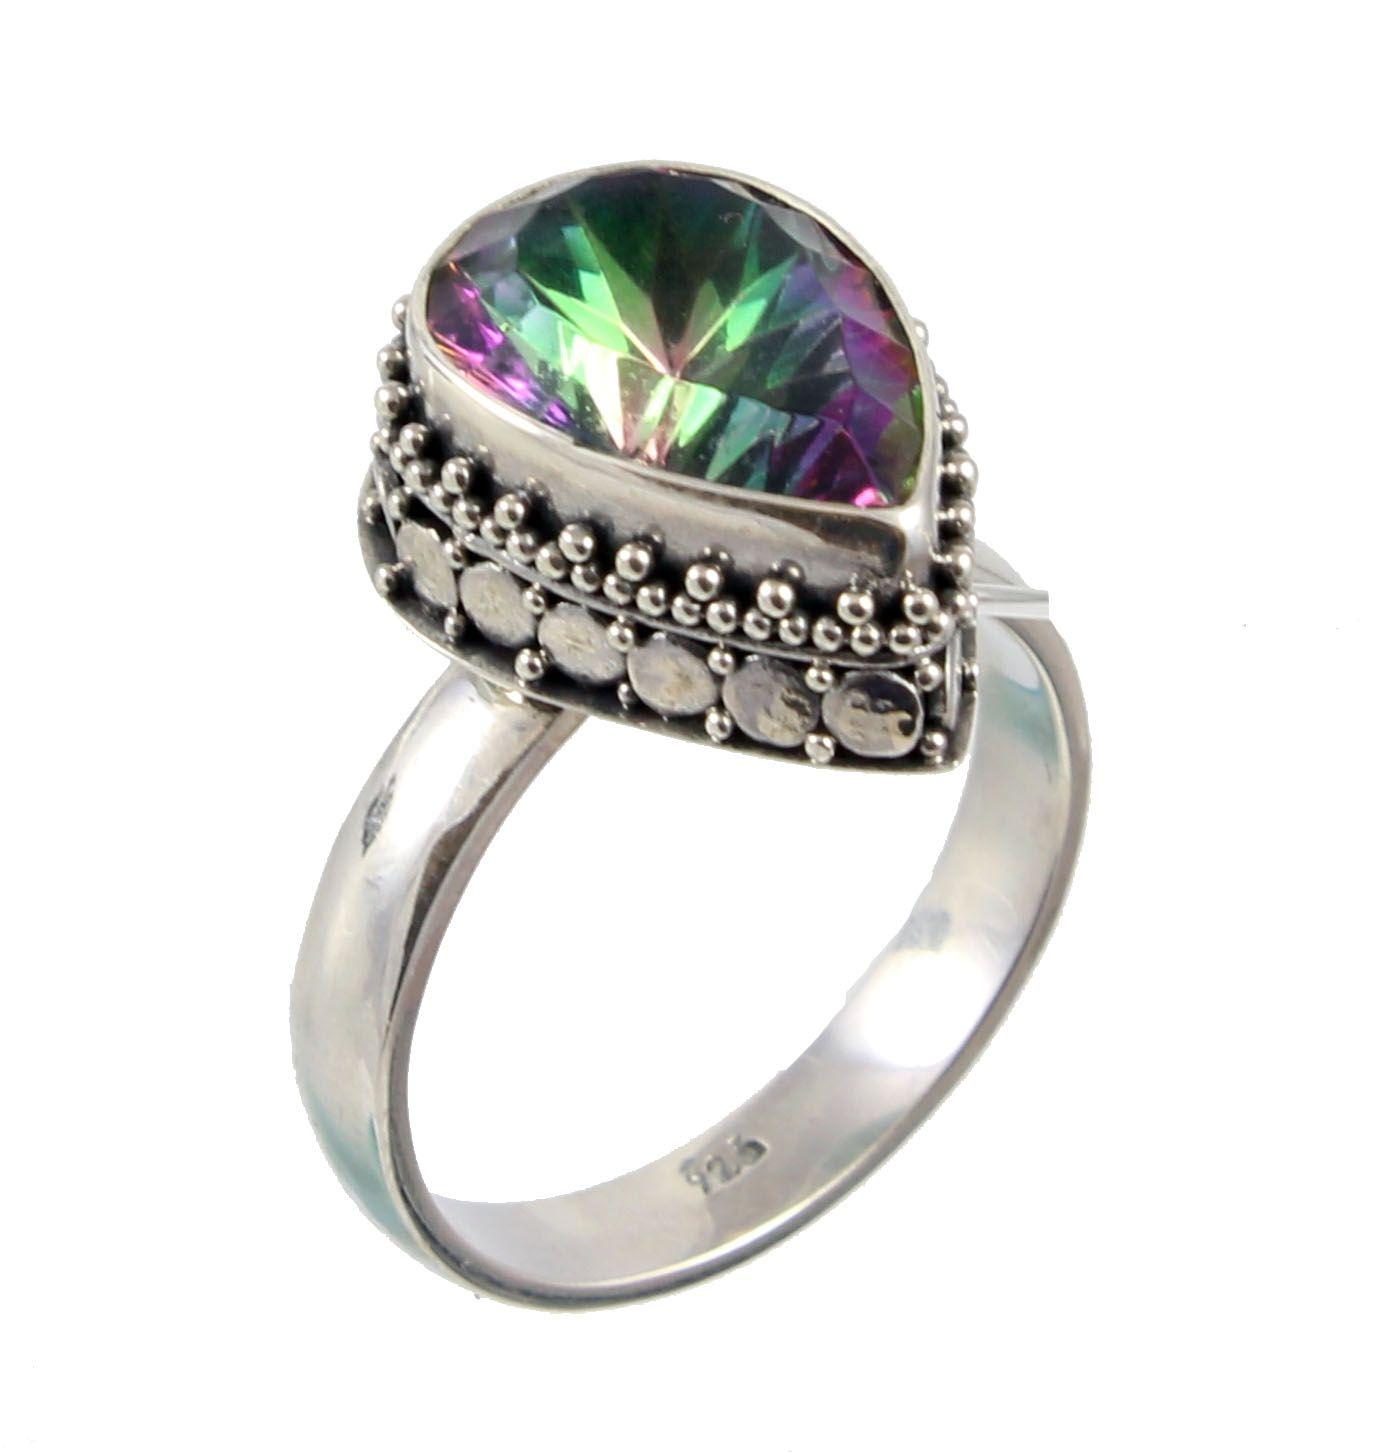 3f4b9c30a6d8 anillo de plata con cuarzo mistico facetado plata oxidada ...